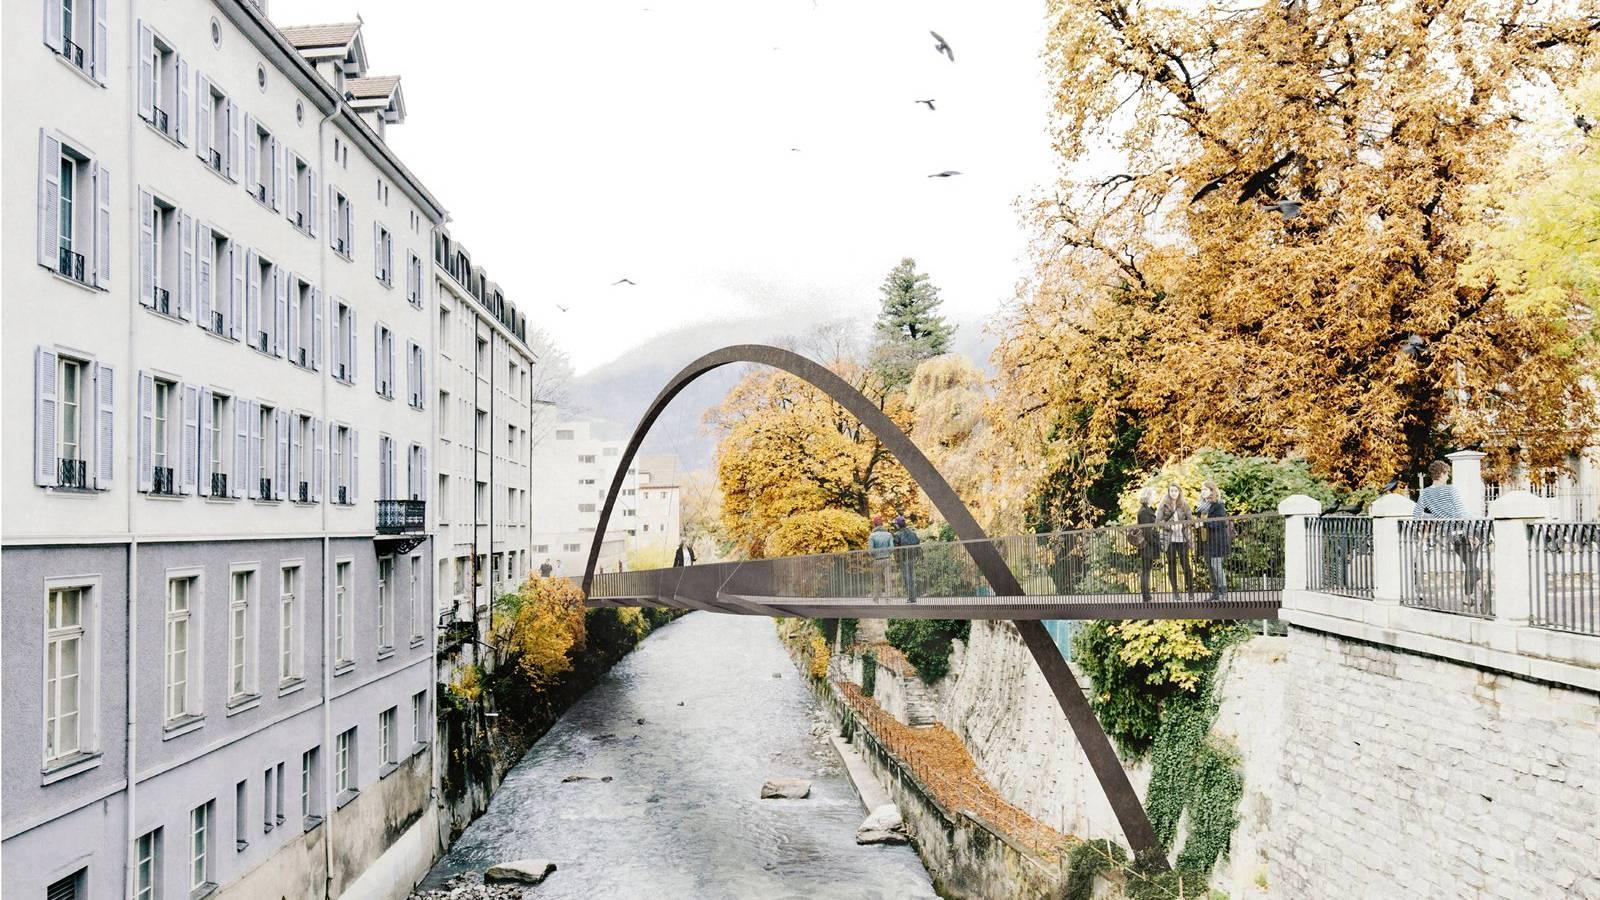 In Chur entsteht eine Brücke für Radfahrer und Fussgänger.